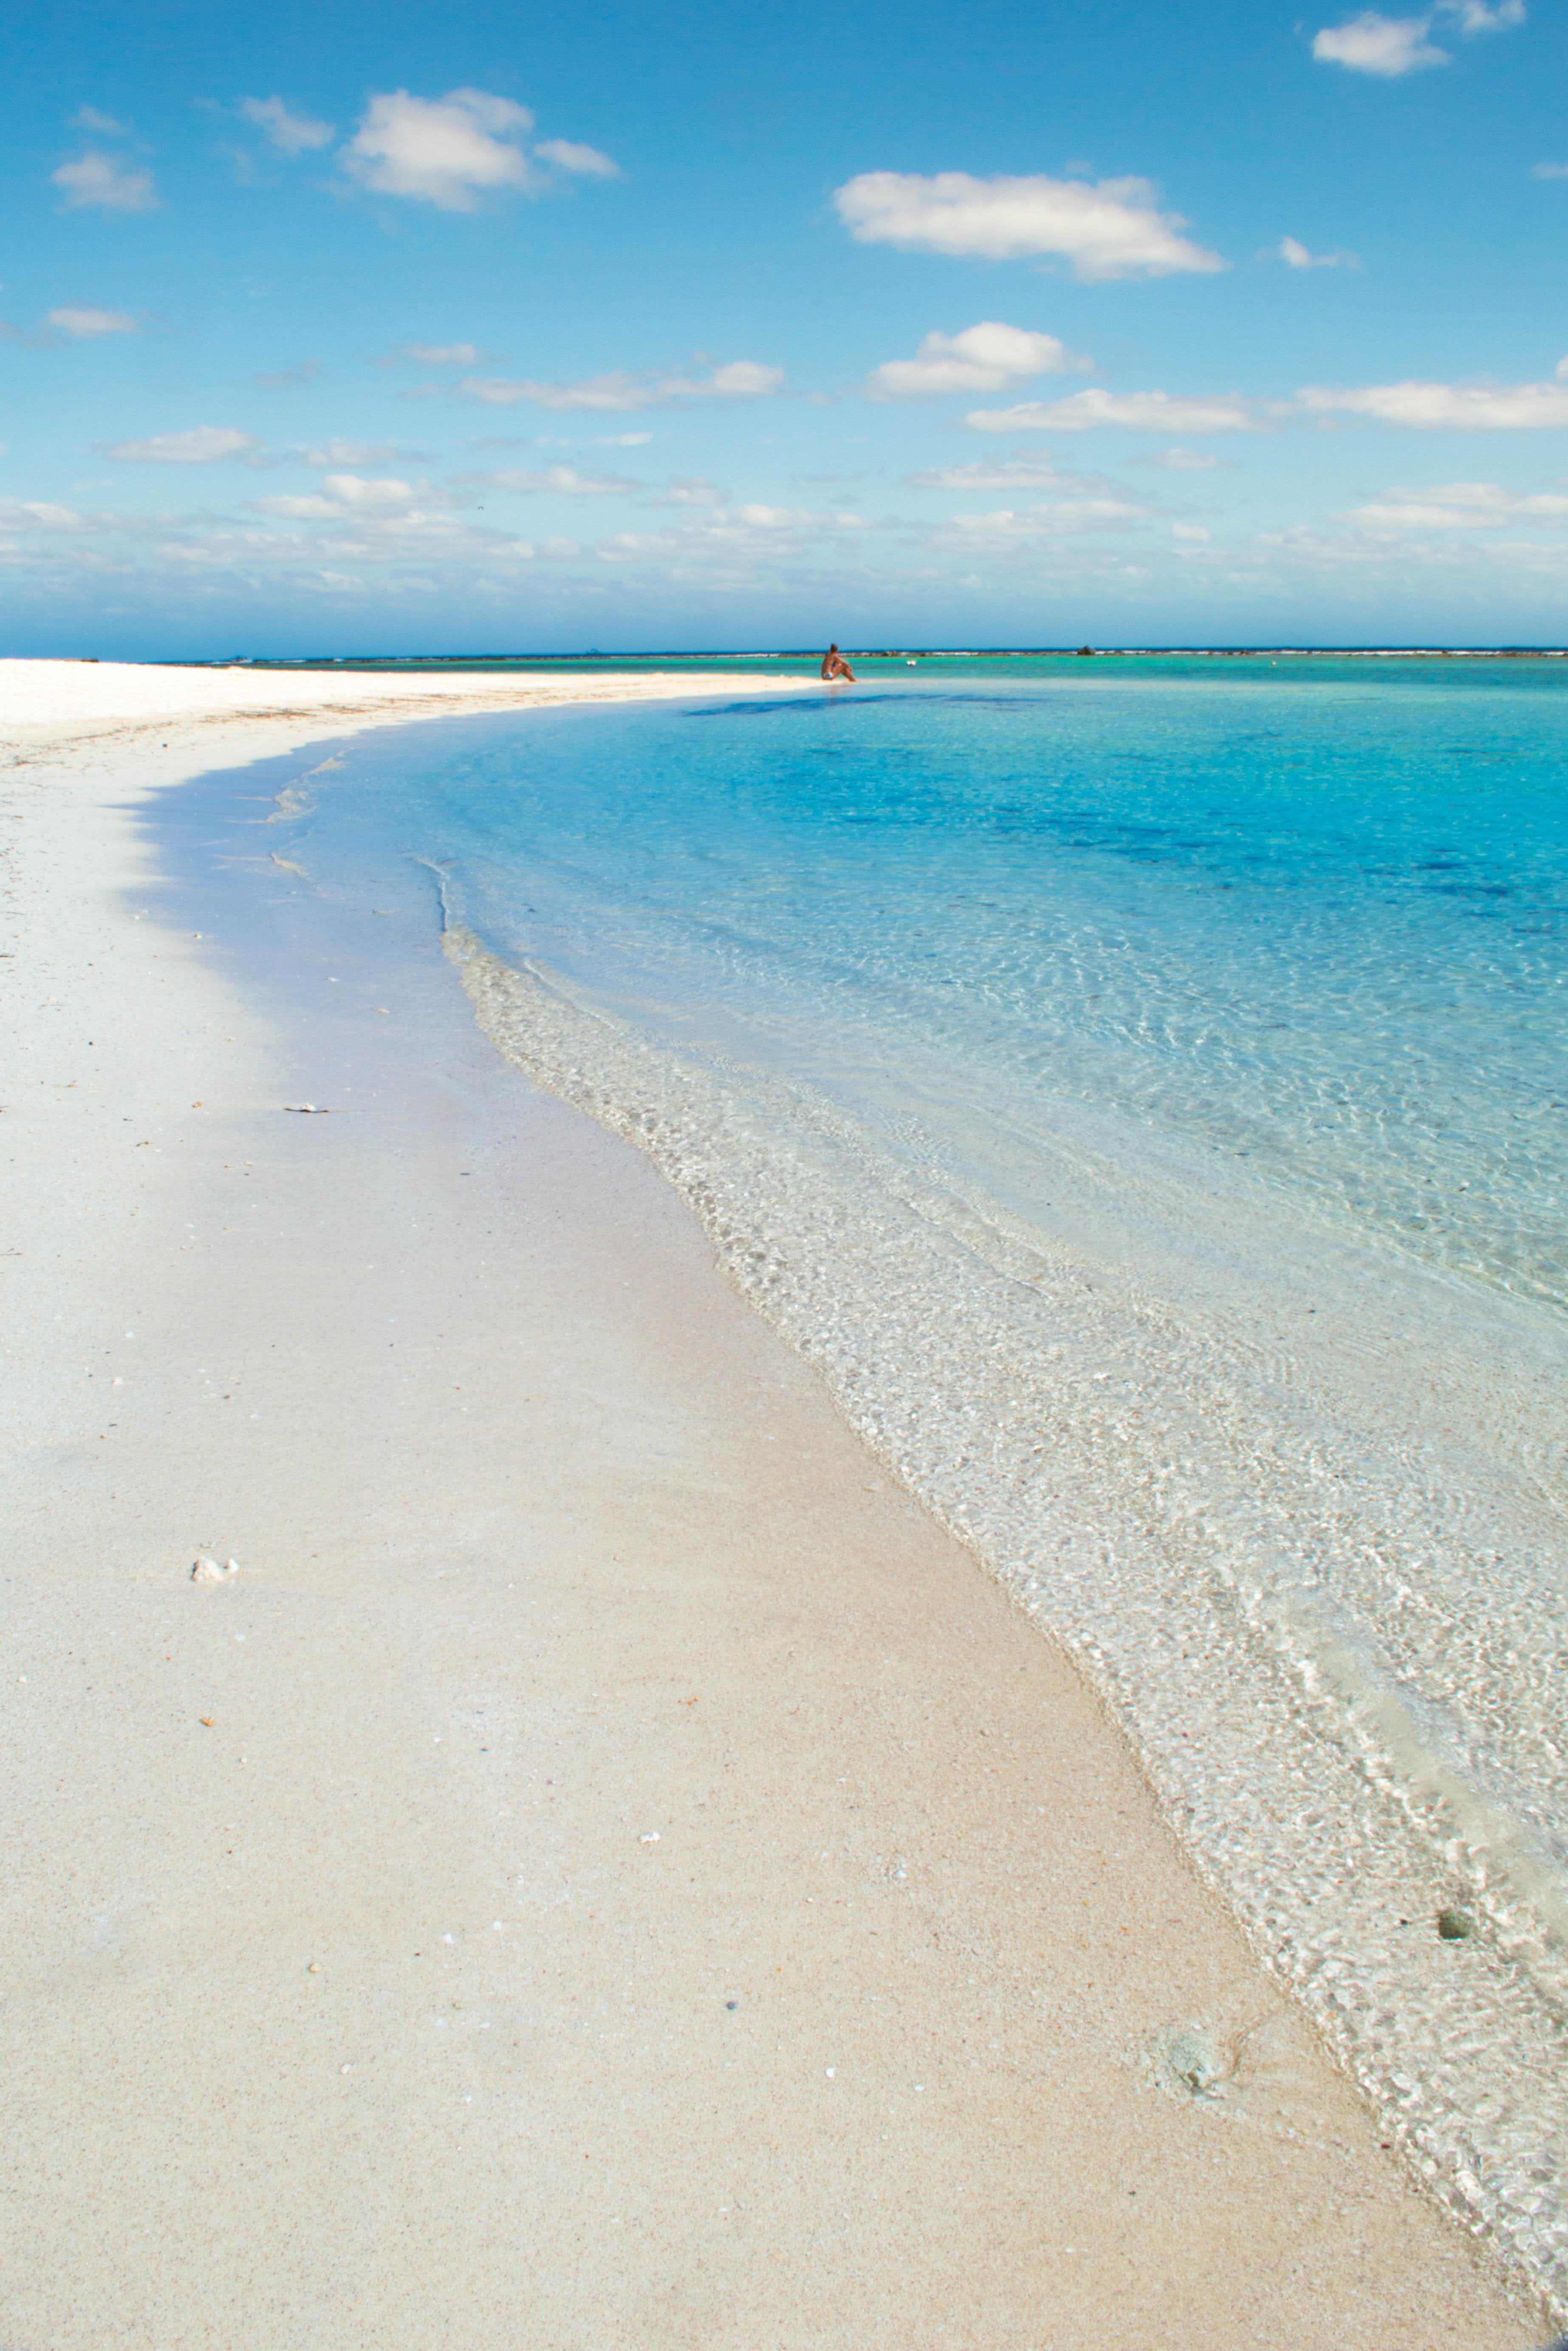 File:BlueKay Beach En Mahahual, Mexico (http-www